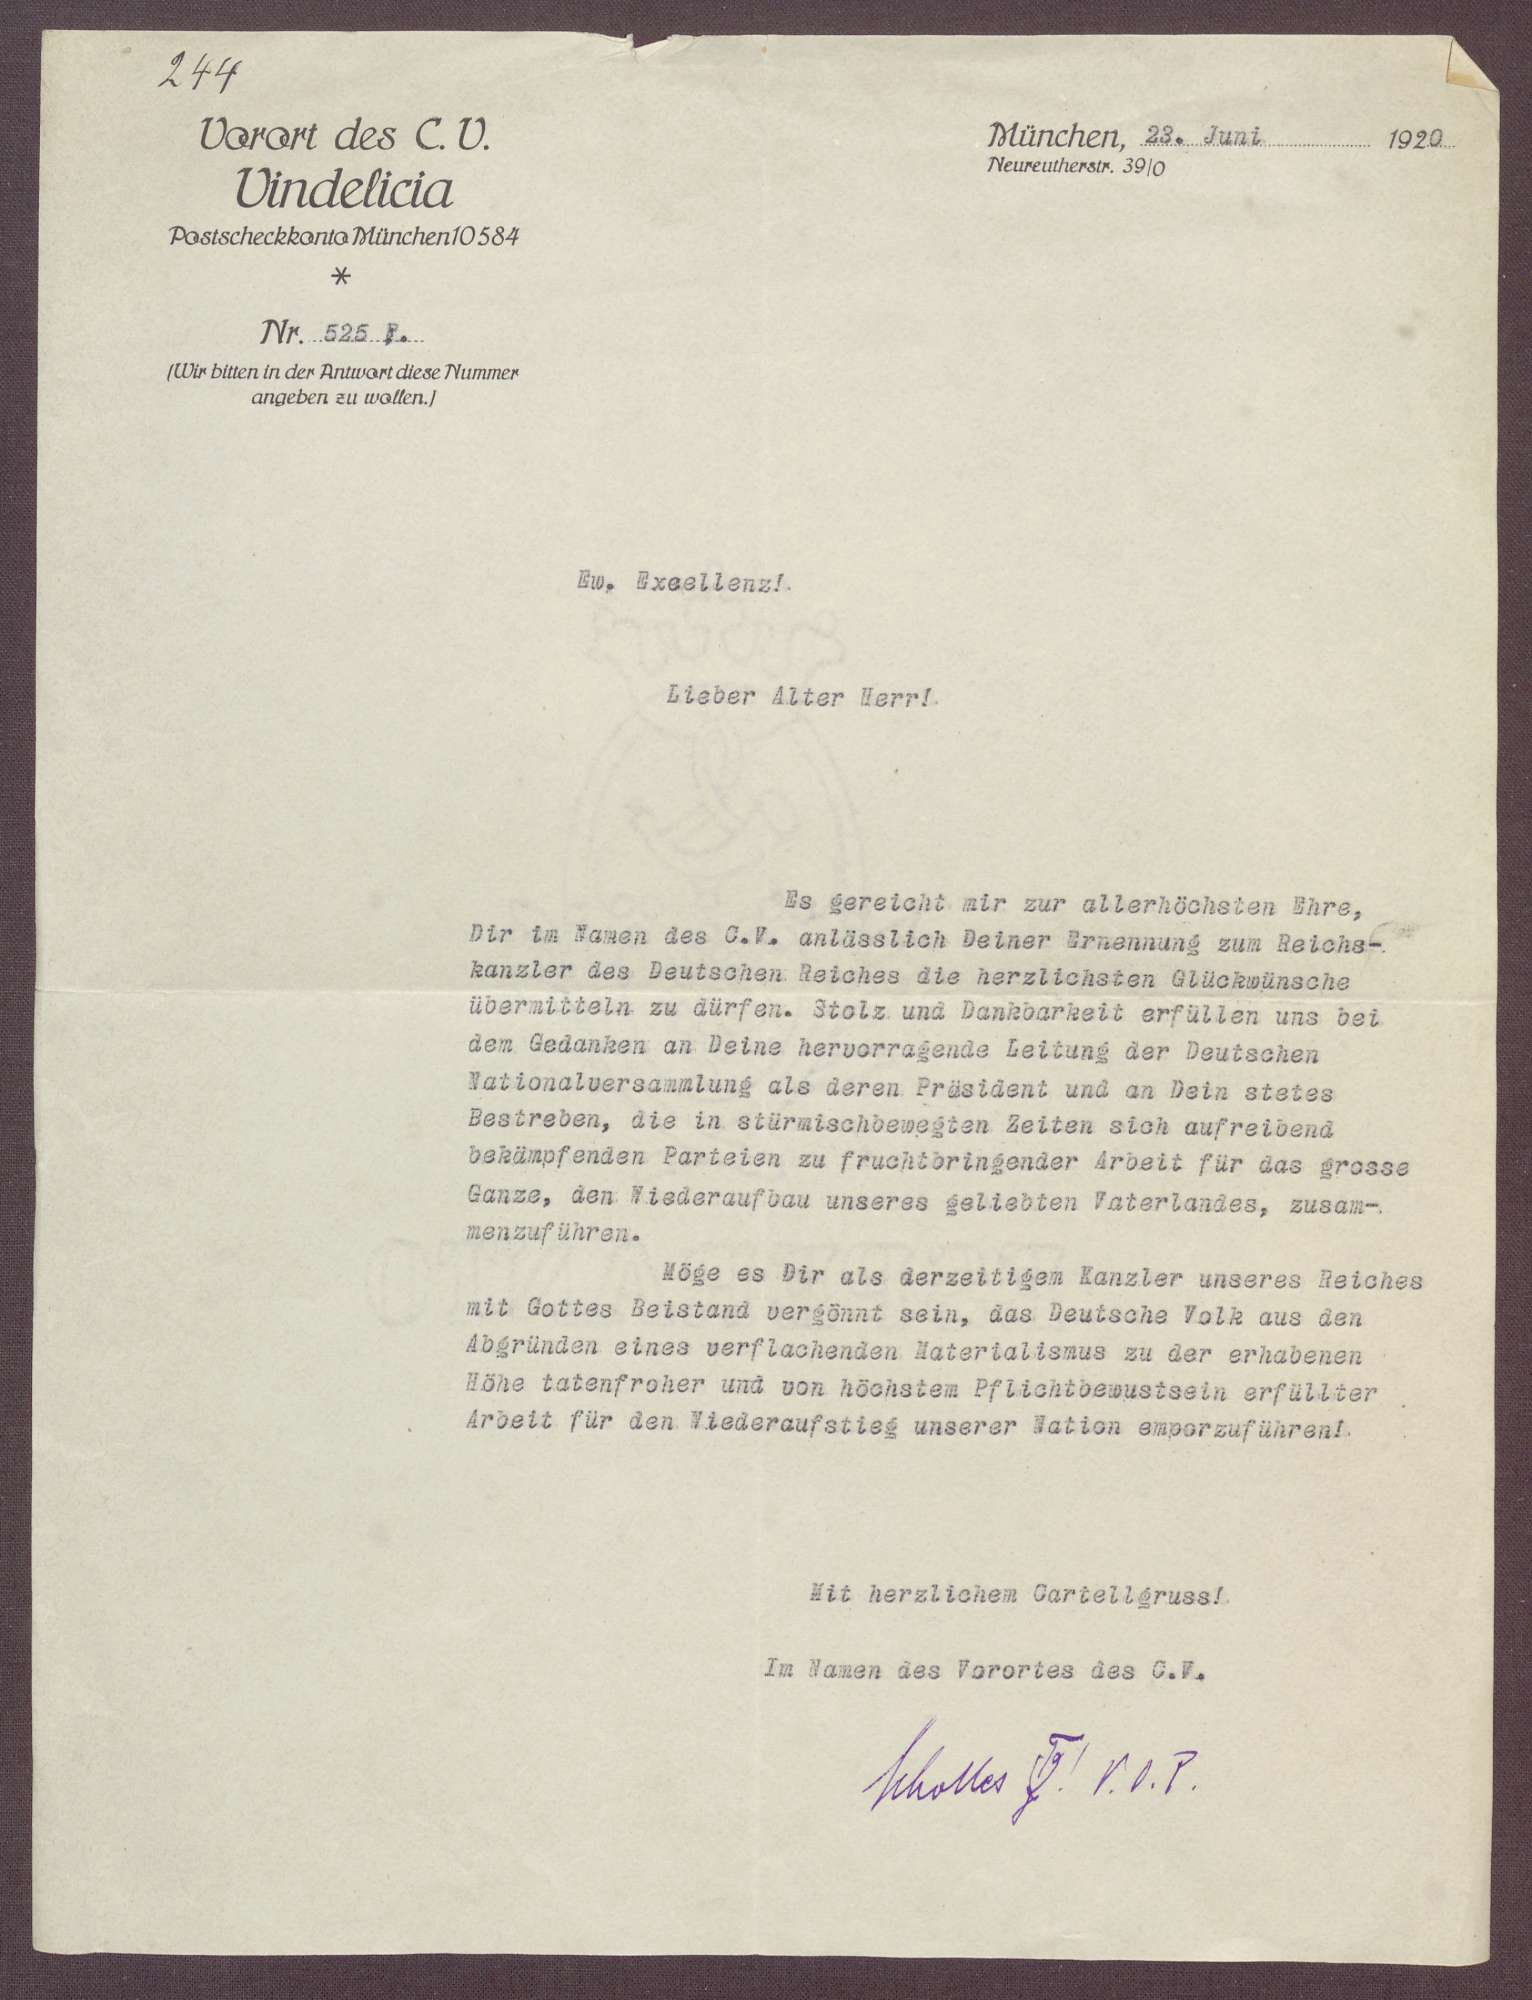 Schreiben an Constantin Fehrenbach, Glückwünsche zur Wahl zum Reichskanzler, Bild 1